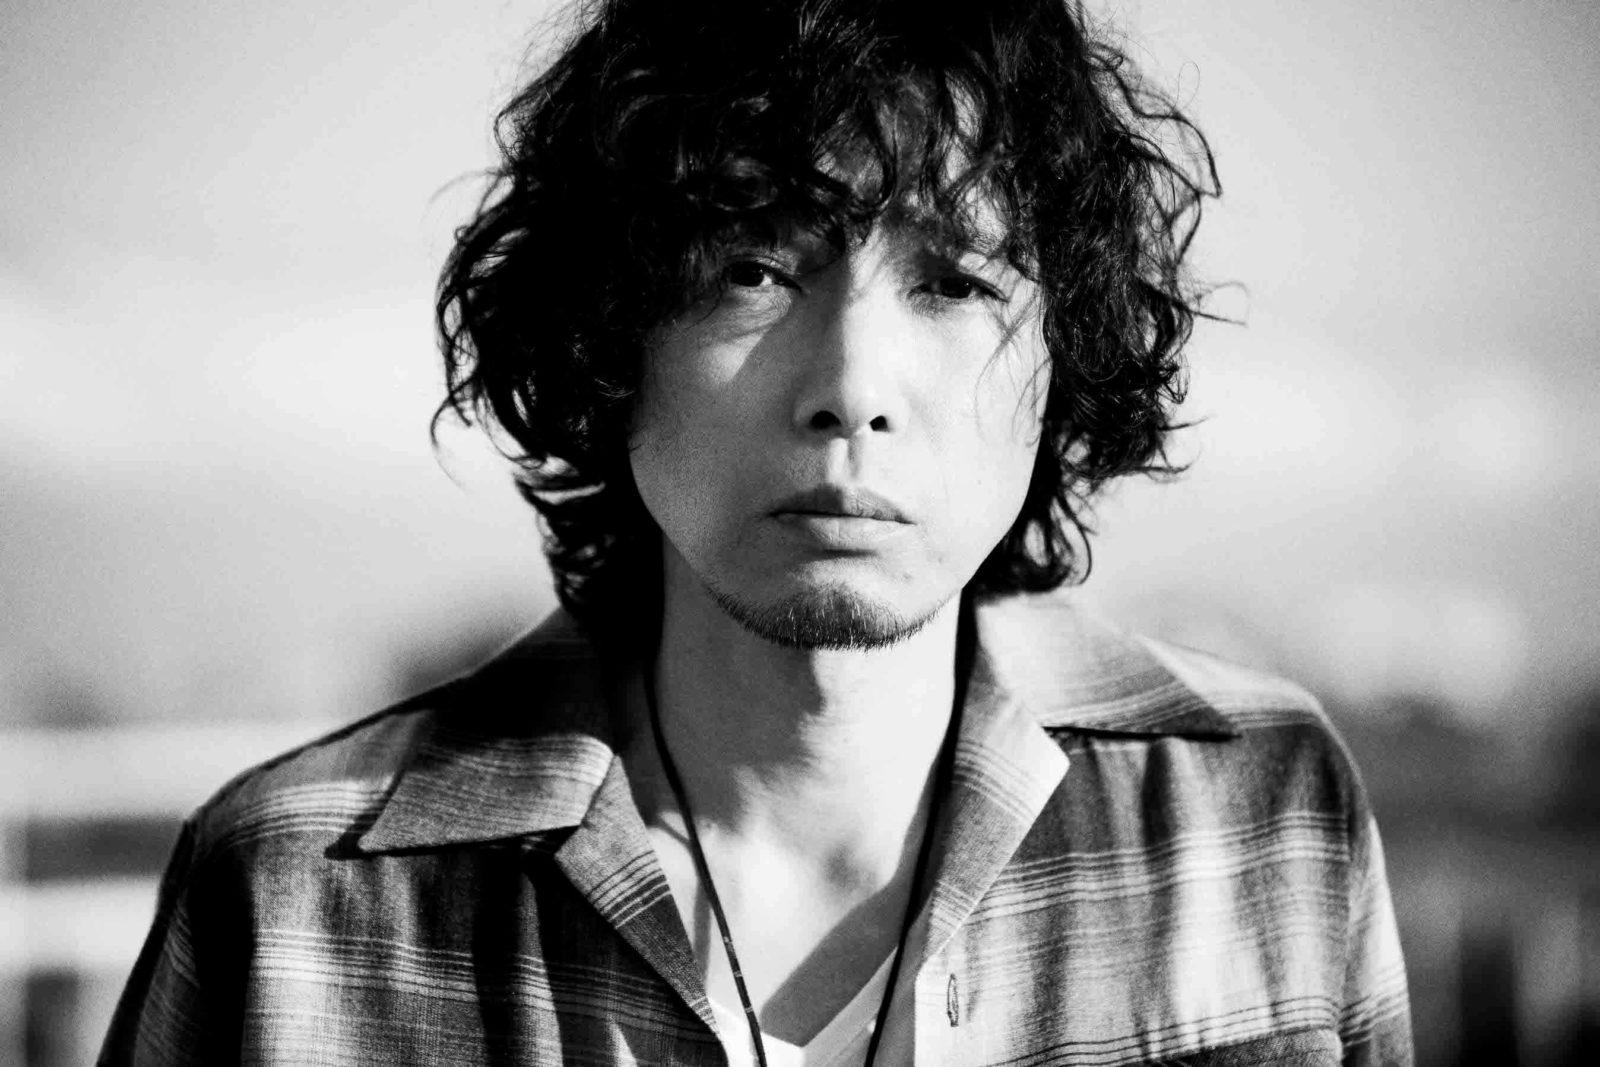 斉藤和義 スマホで撮影、編集、監修した 新曲「アレ」MVを公開サムネイル画像